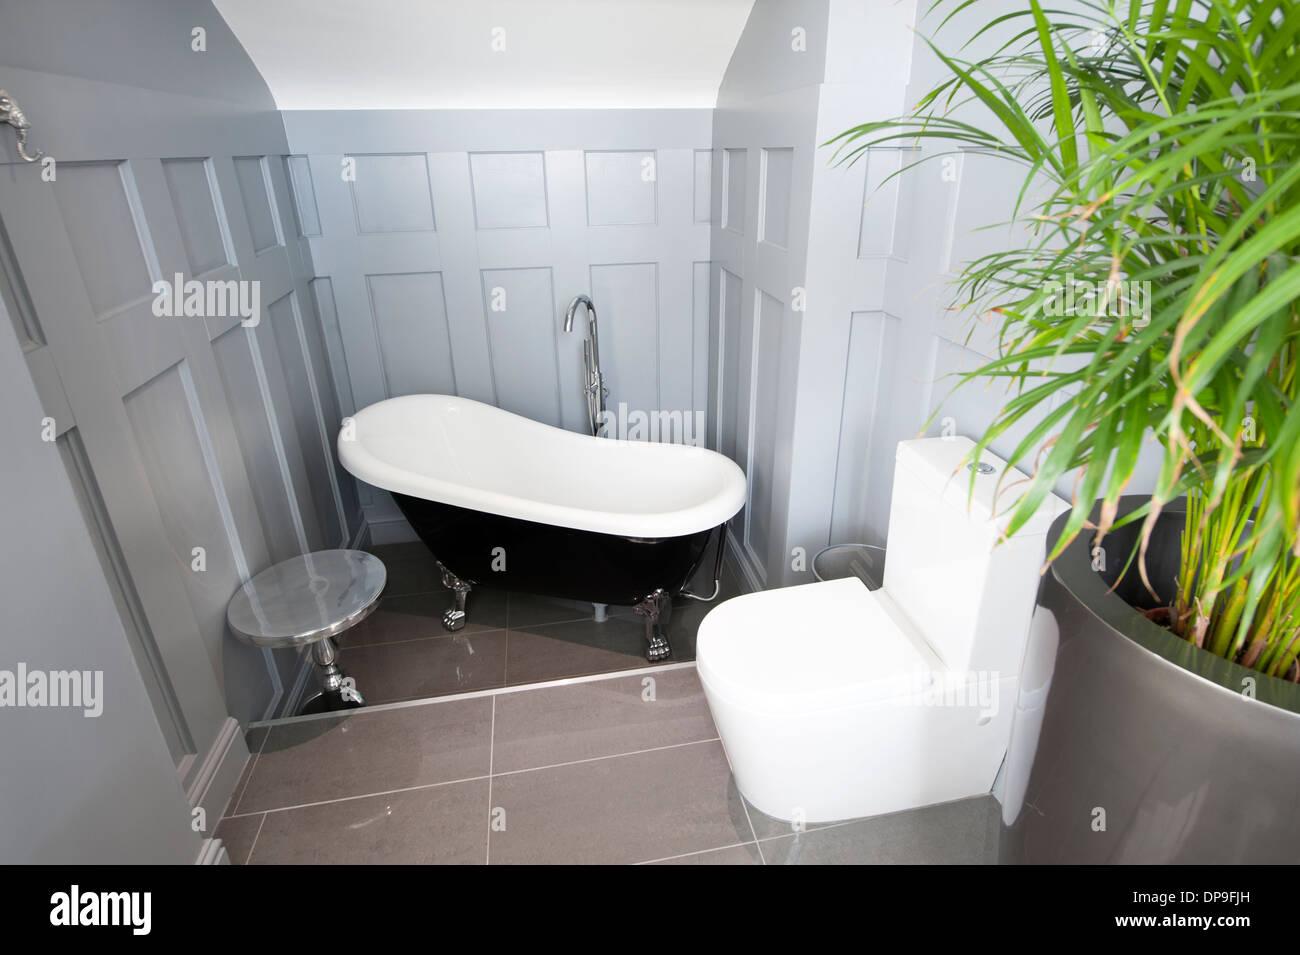 Vasca Da Bagno Moderne : Vasca da bagno e il lavandino in bagno moderno u al chiuso luce